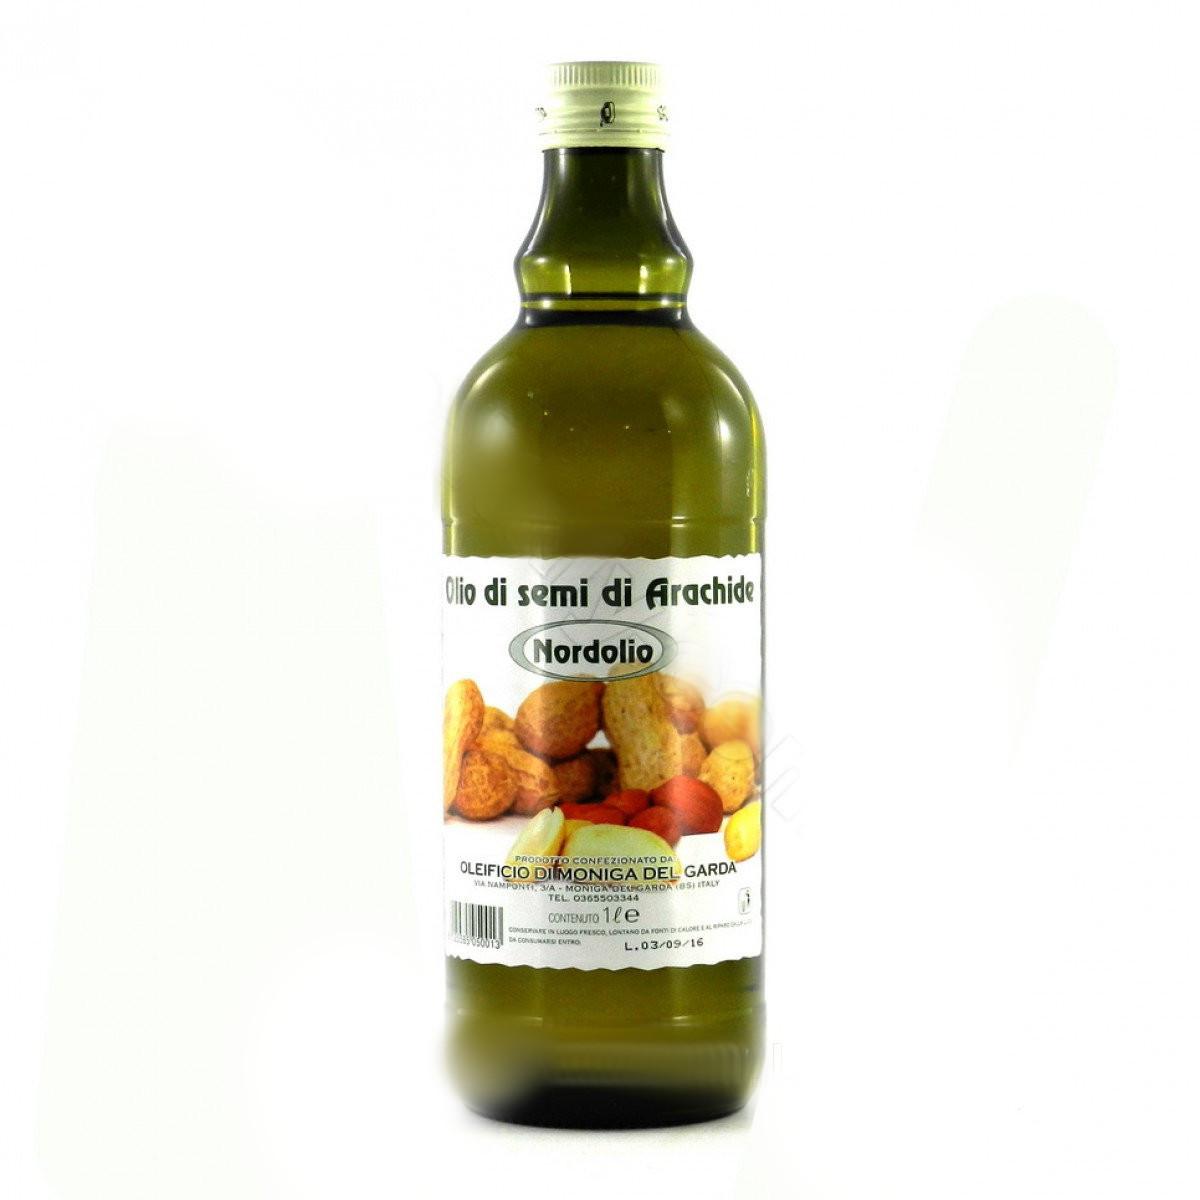 Olio di semi di Arachide, Oleificio di Moniga del Garda, 1 л - Камора - магазин вкусных продуктов в Днепре